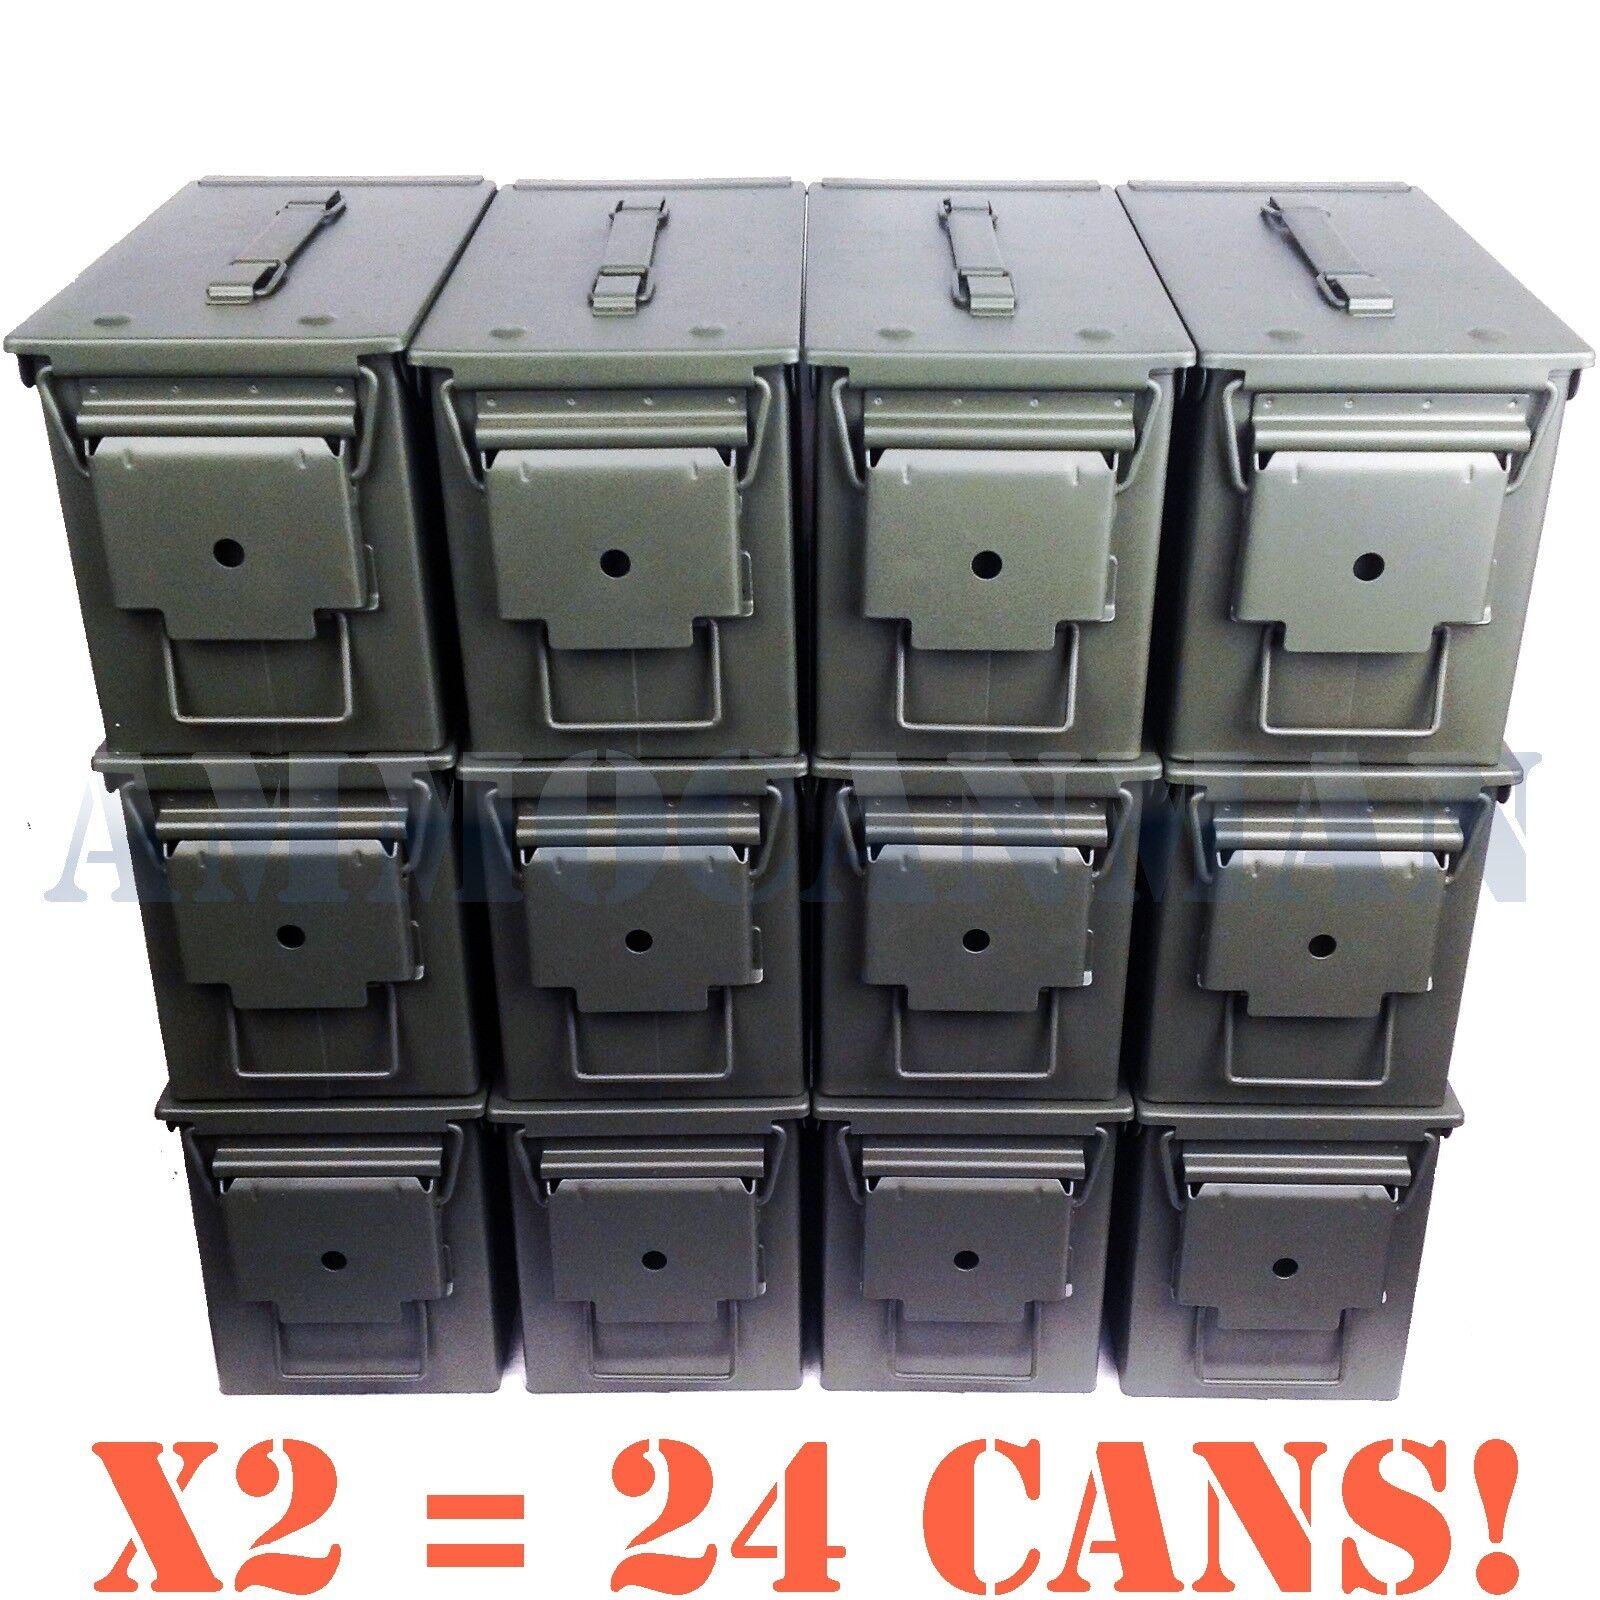 UNSTENCILED 24 Latas Nuevo Mil-spec 50 Cal M2A1 municion latas vacías Envío Gratuito